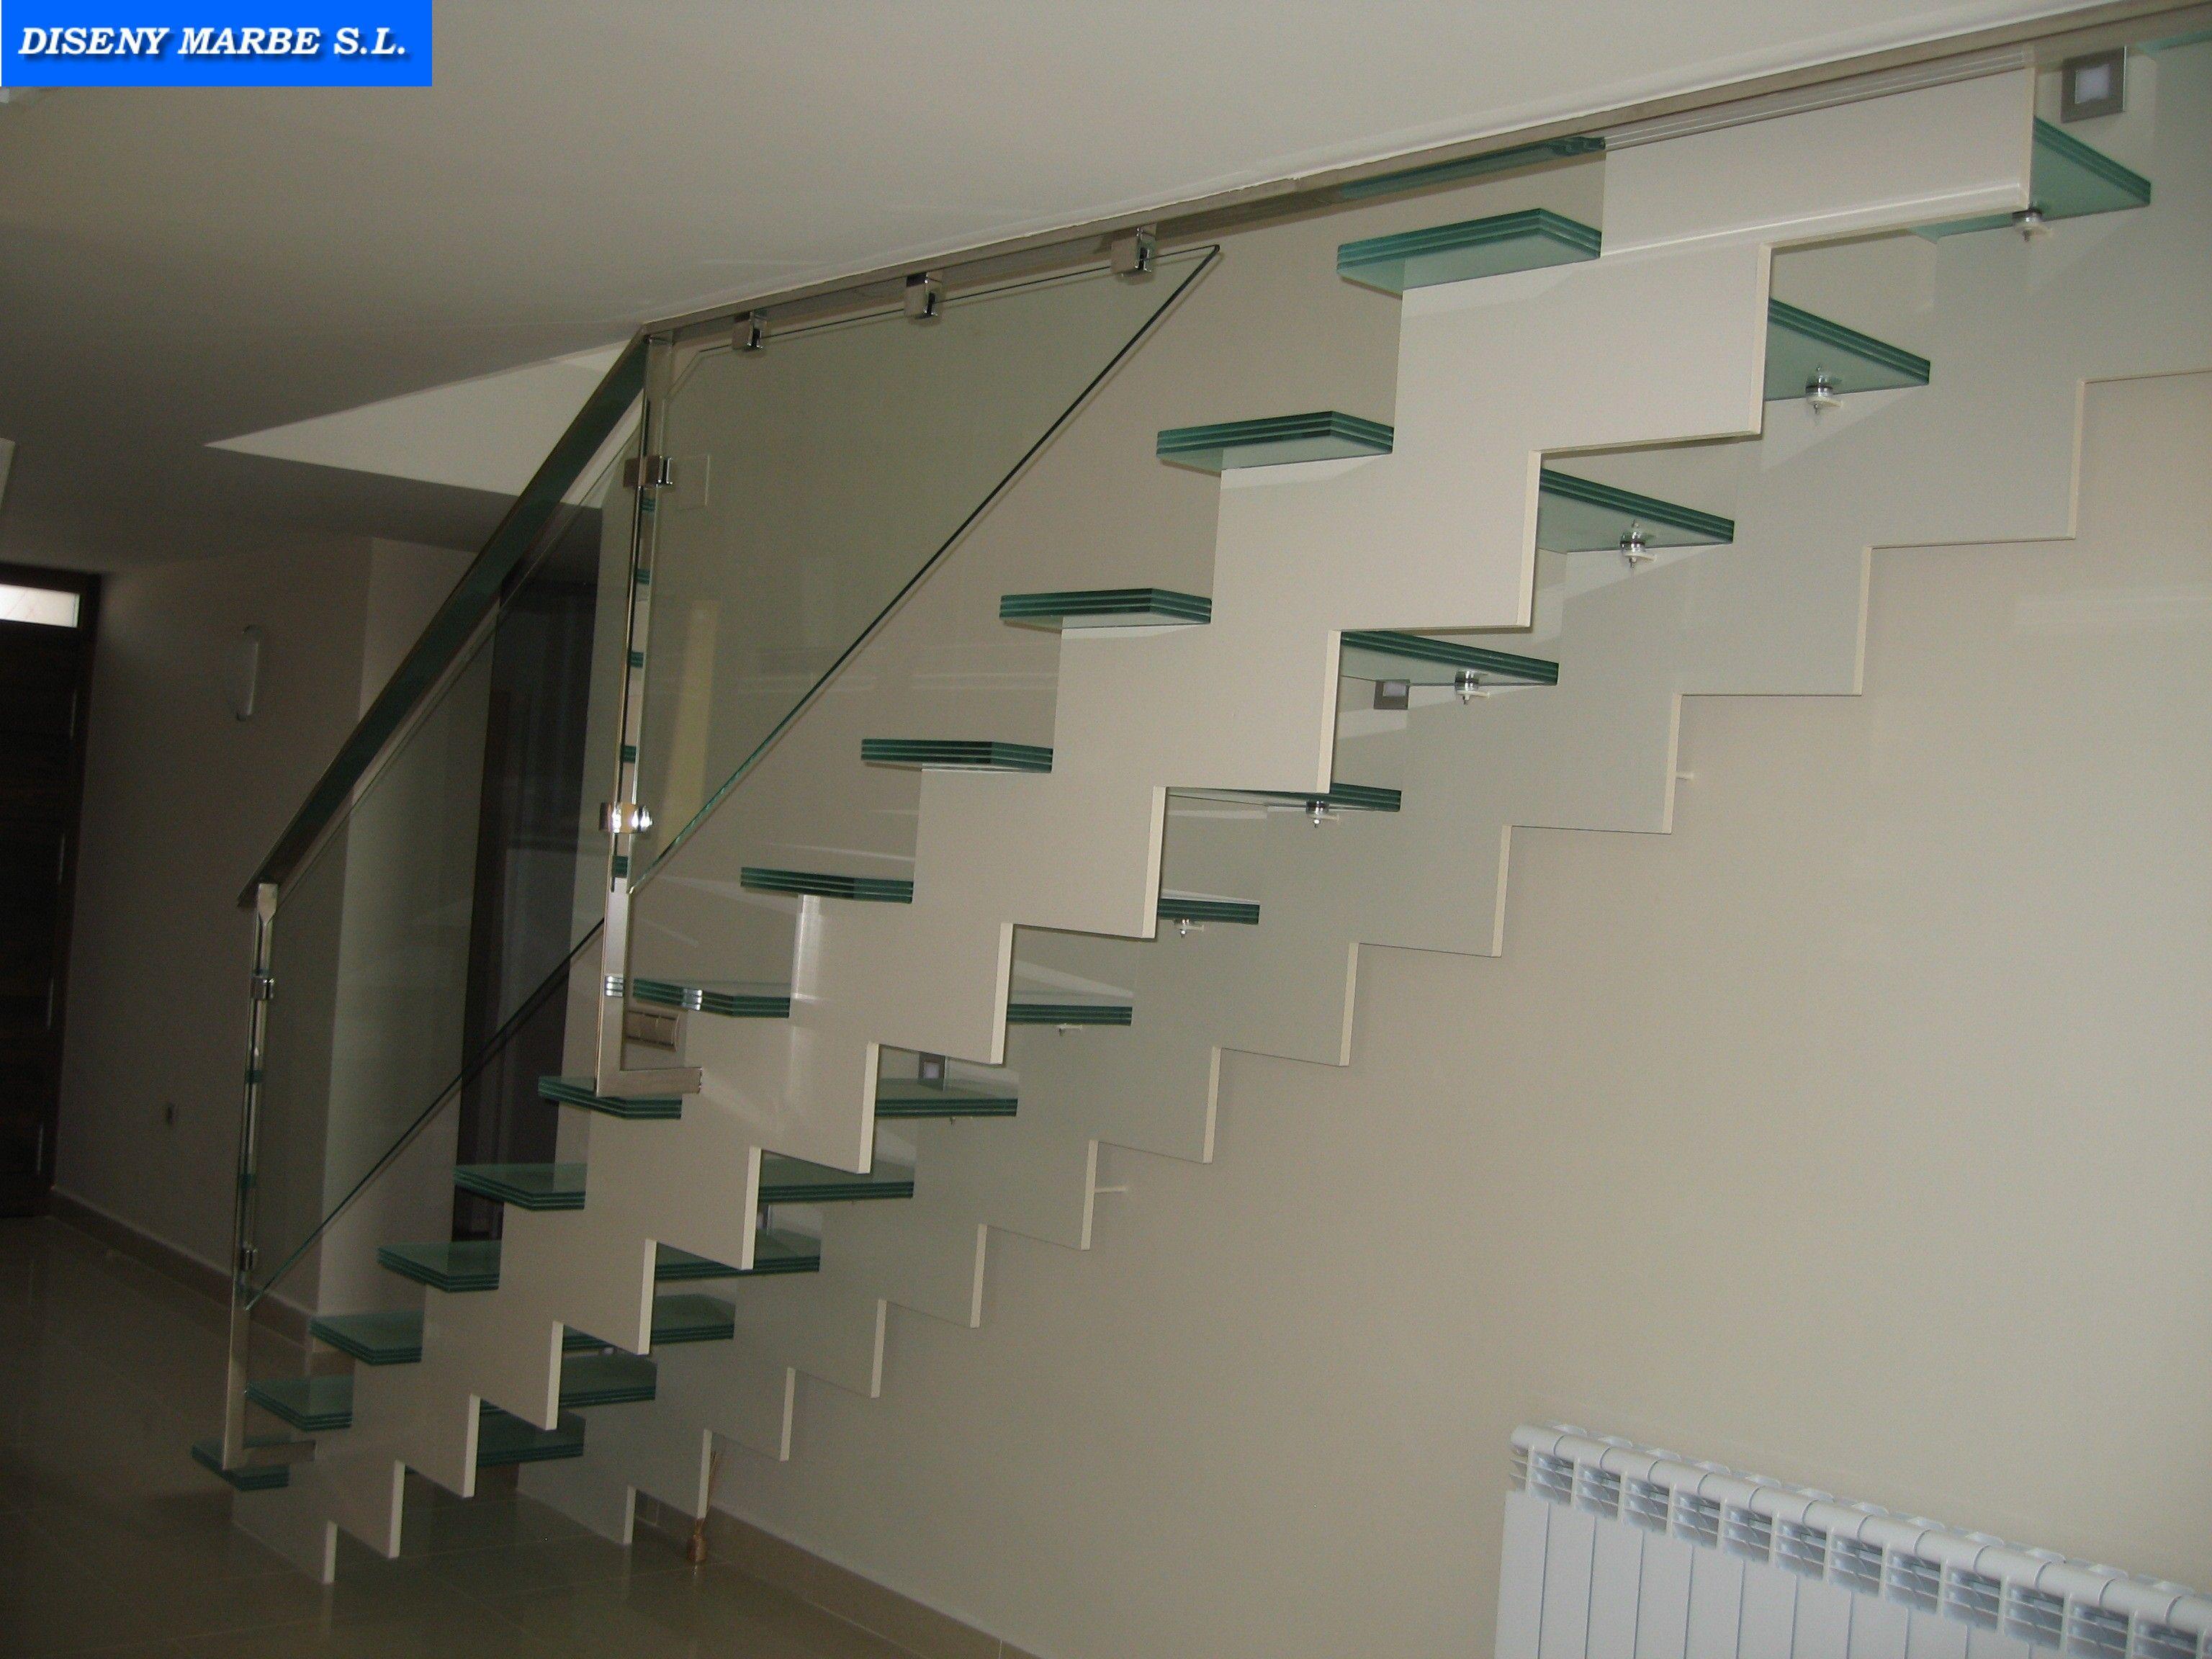 Barandilla de acero inoxidable con cristal laminar - Escaleras de peldanos ...